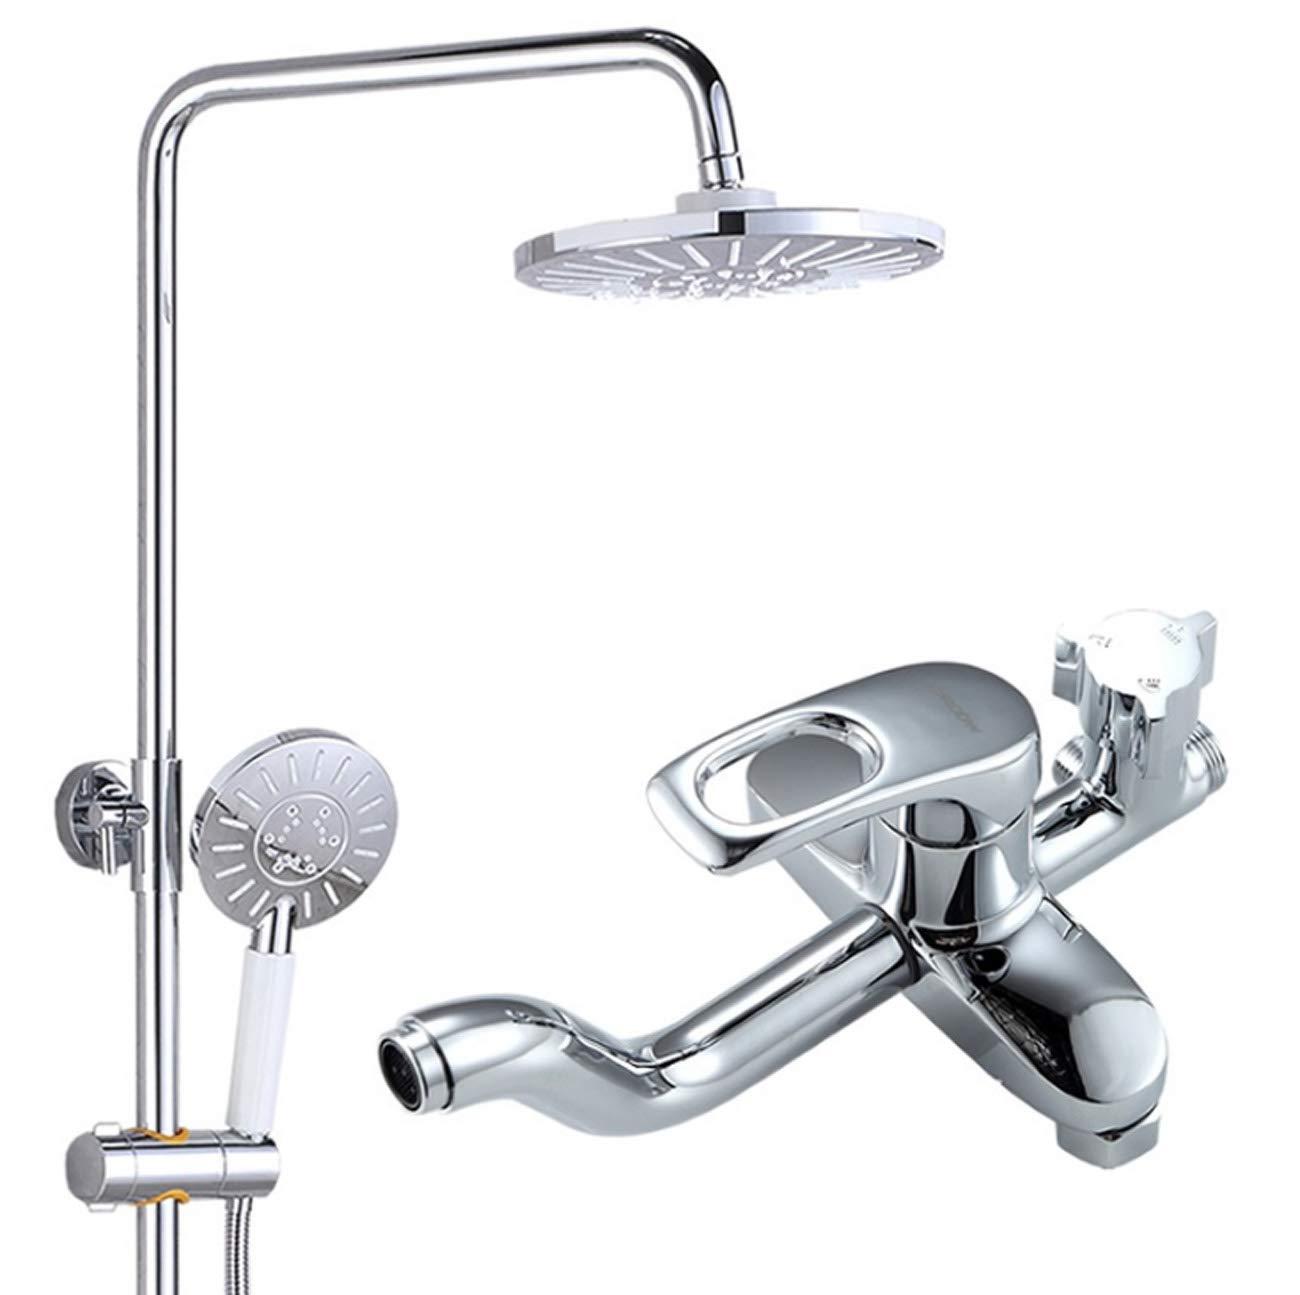 浴室のシャワーのミキサーは3モードの上のシャワーヘッド+ 3つの機能手持ち型のシャワー+ 360°の回転シャワーの蛇口が付いている浴室の壁に取り付けられたシャワーシステムで置きました   B07MSGTXCM